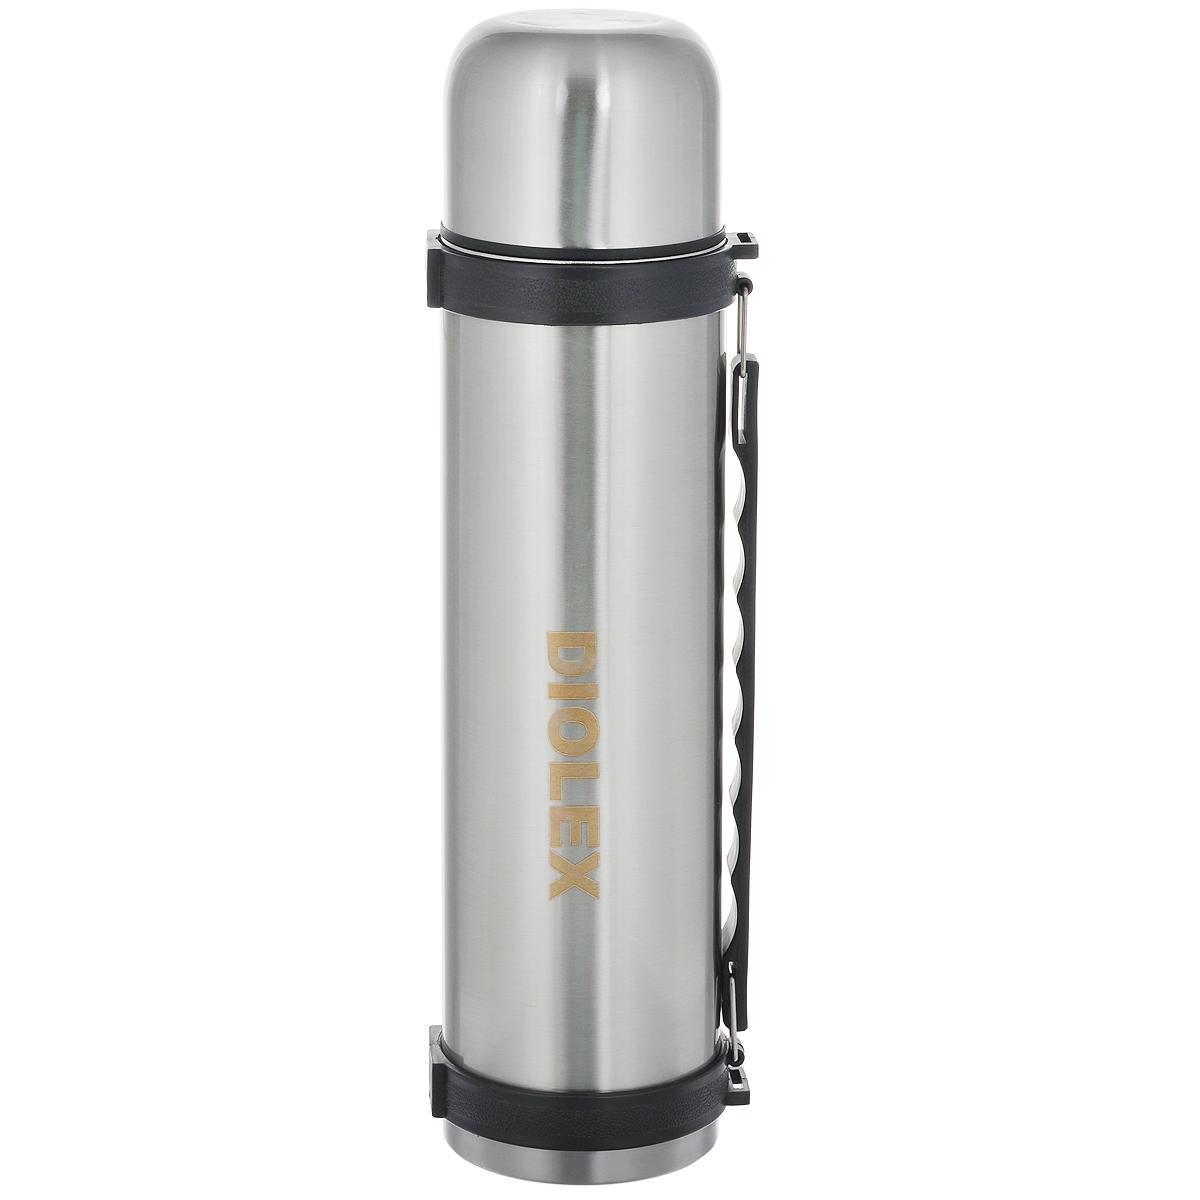 Термос Diolex, 1,5 л115510Термос вакуумный Diolex с узким горлом изготовлен из высококачественной нержавеющей стали и предназначен для хранения горячих и холодных напитков (чая, кофе) и укомплектован пробкой с кнопкой. Такая пробка надежна, проста в использовании. Благодаря двойной колбе термос сохраняет напитки горячими до 12 часов и холодными до 24 часов. Изделие также оснащено крышкой-чашкой, откидной ручкой и ремешком для транспортировки.